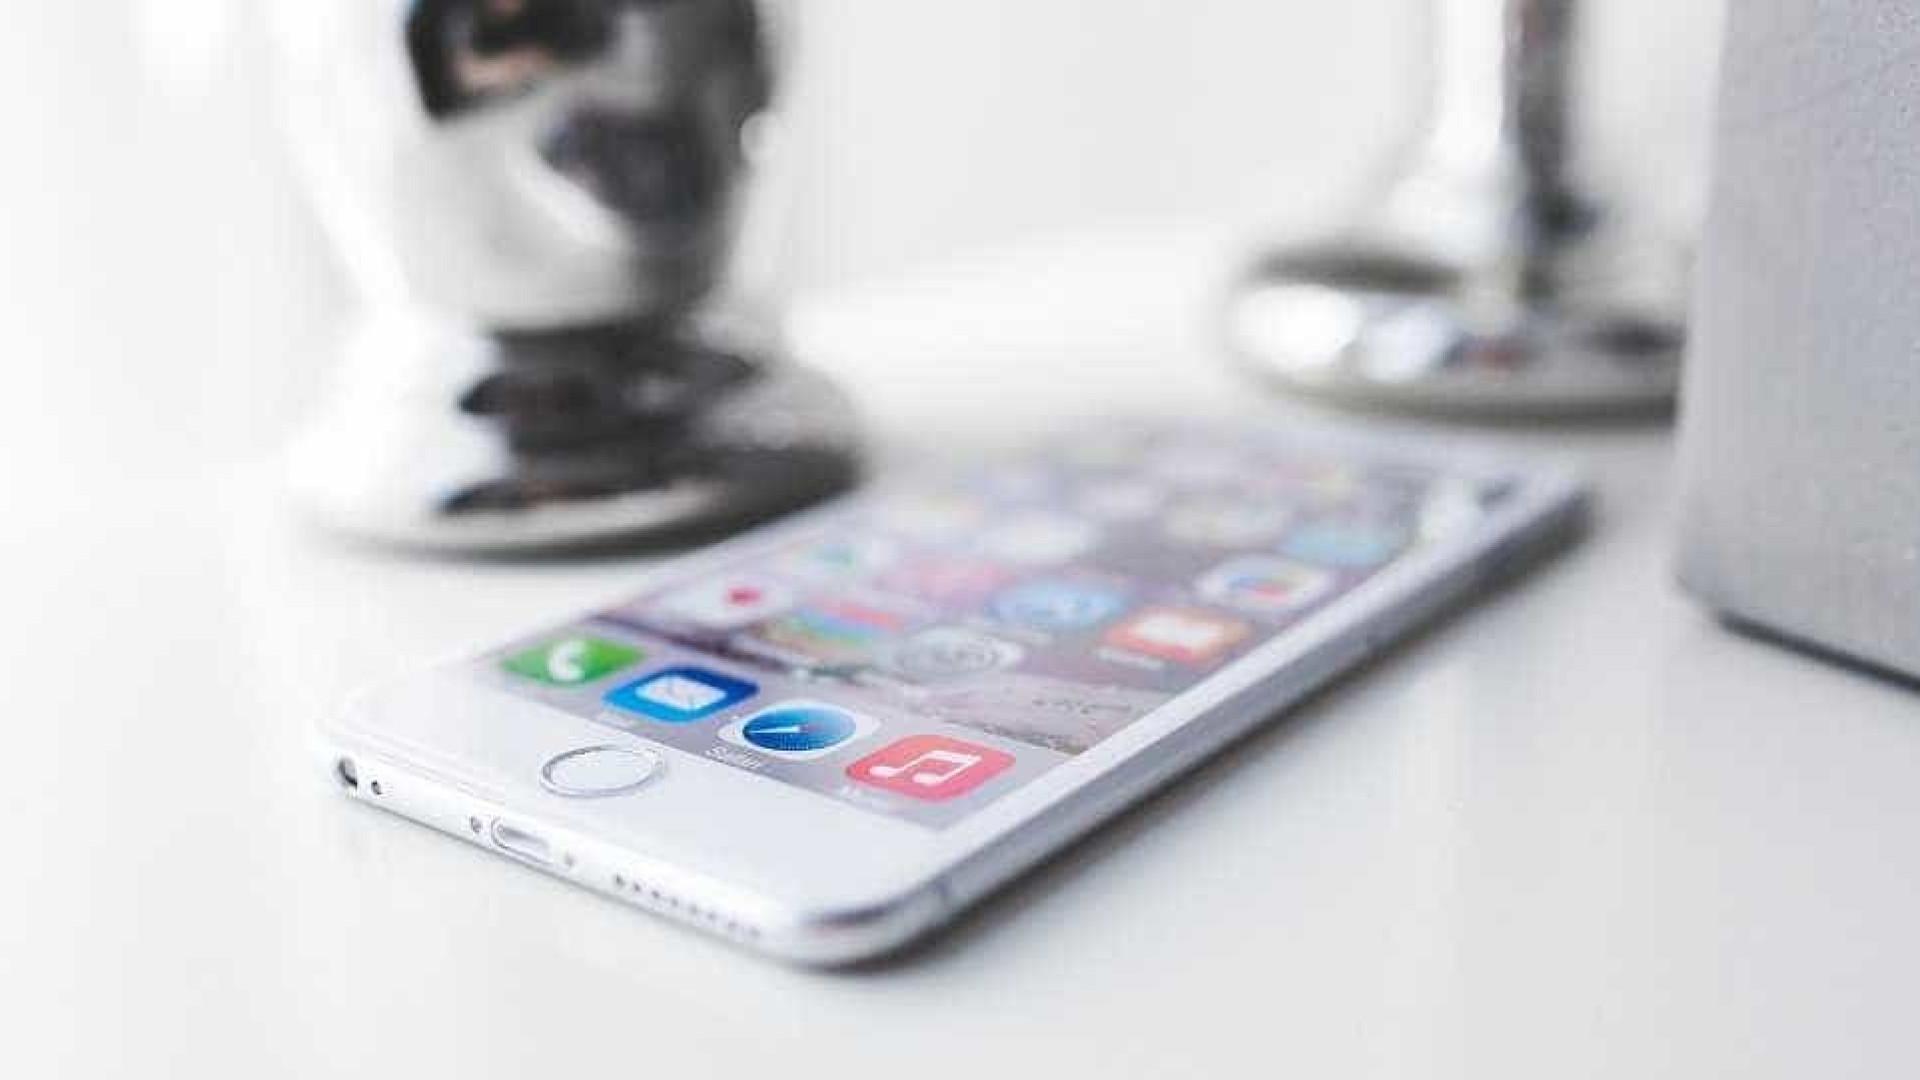 Saiba como desbloquear o celular se você esquecer a senha